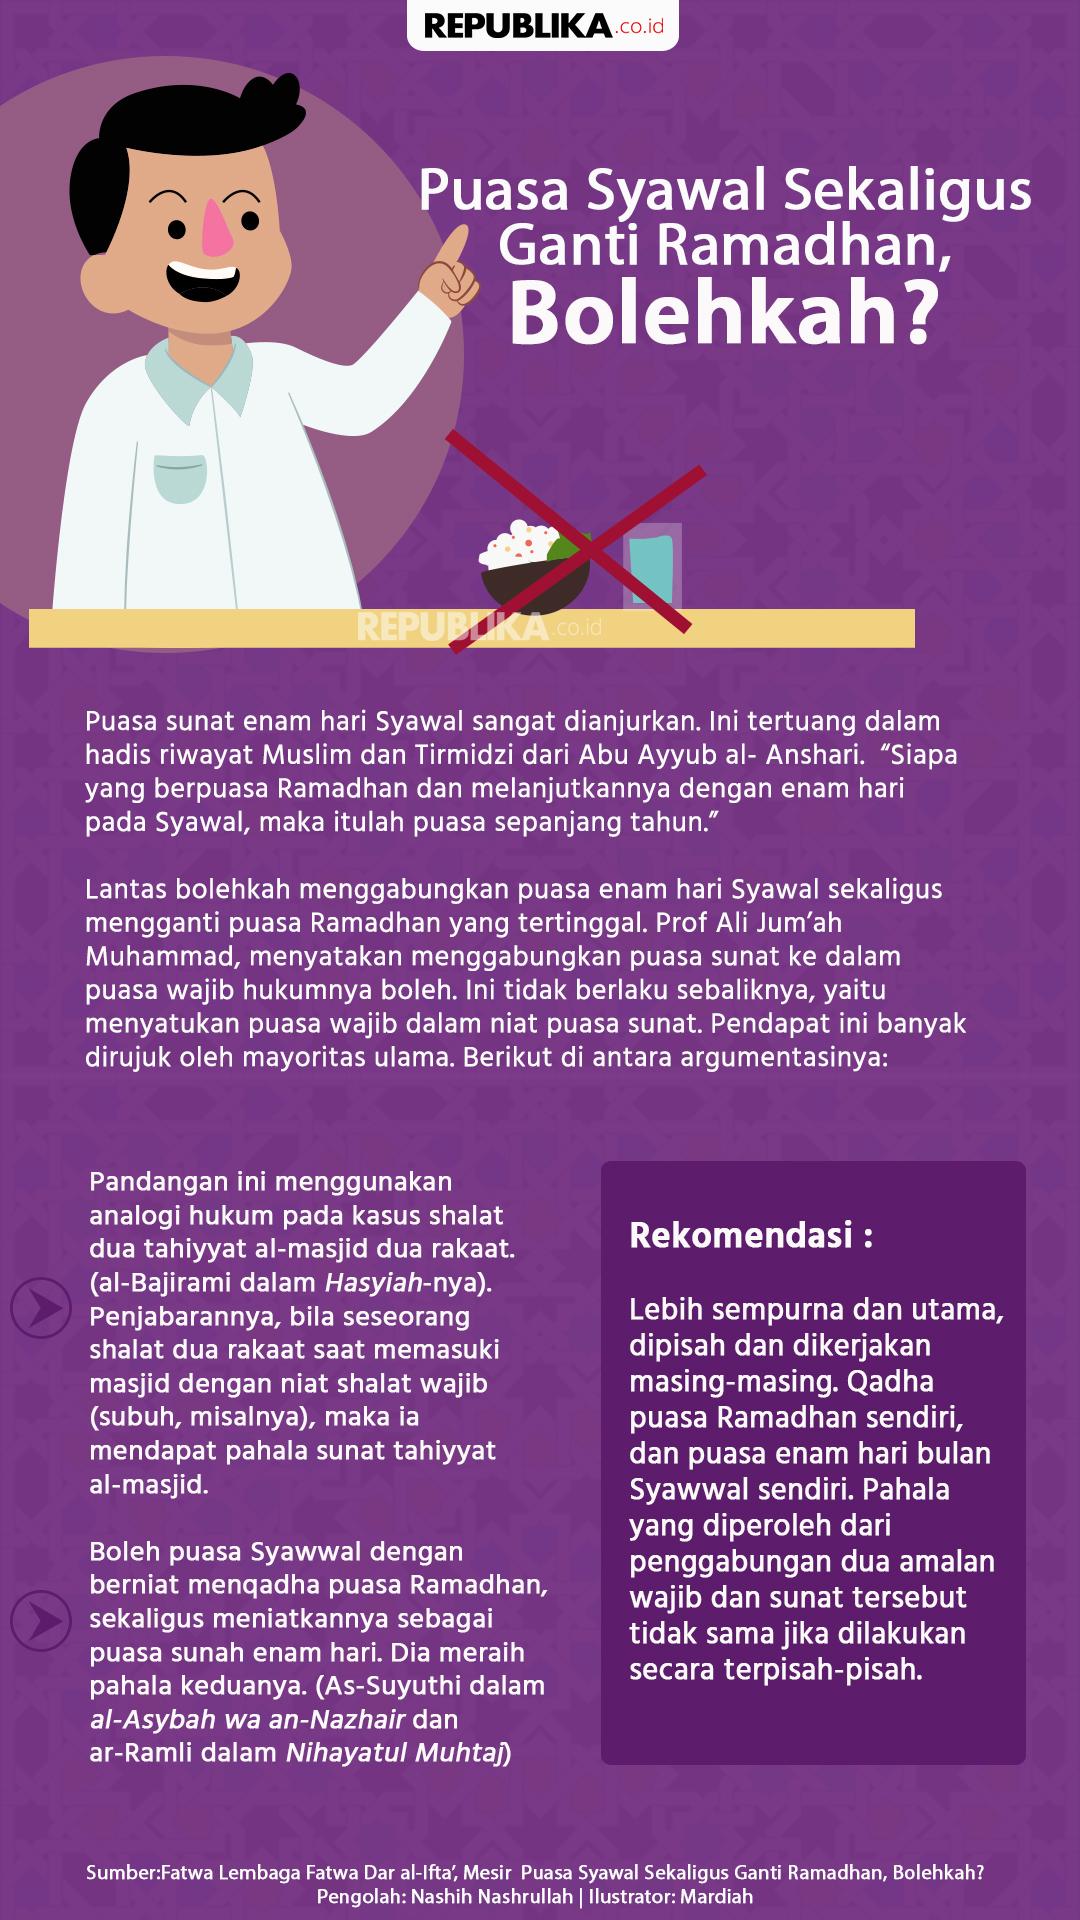 Puasa Syawal Sekaligus Ganti Puasa Ramadhan Bolehkah Republika Online